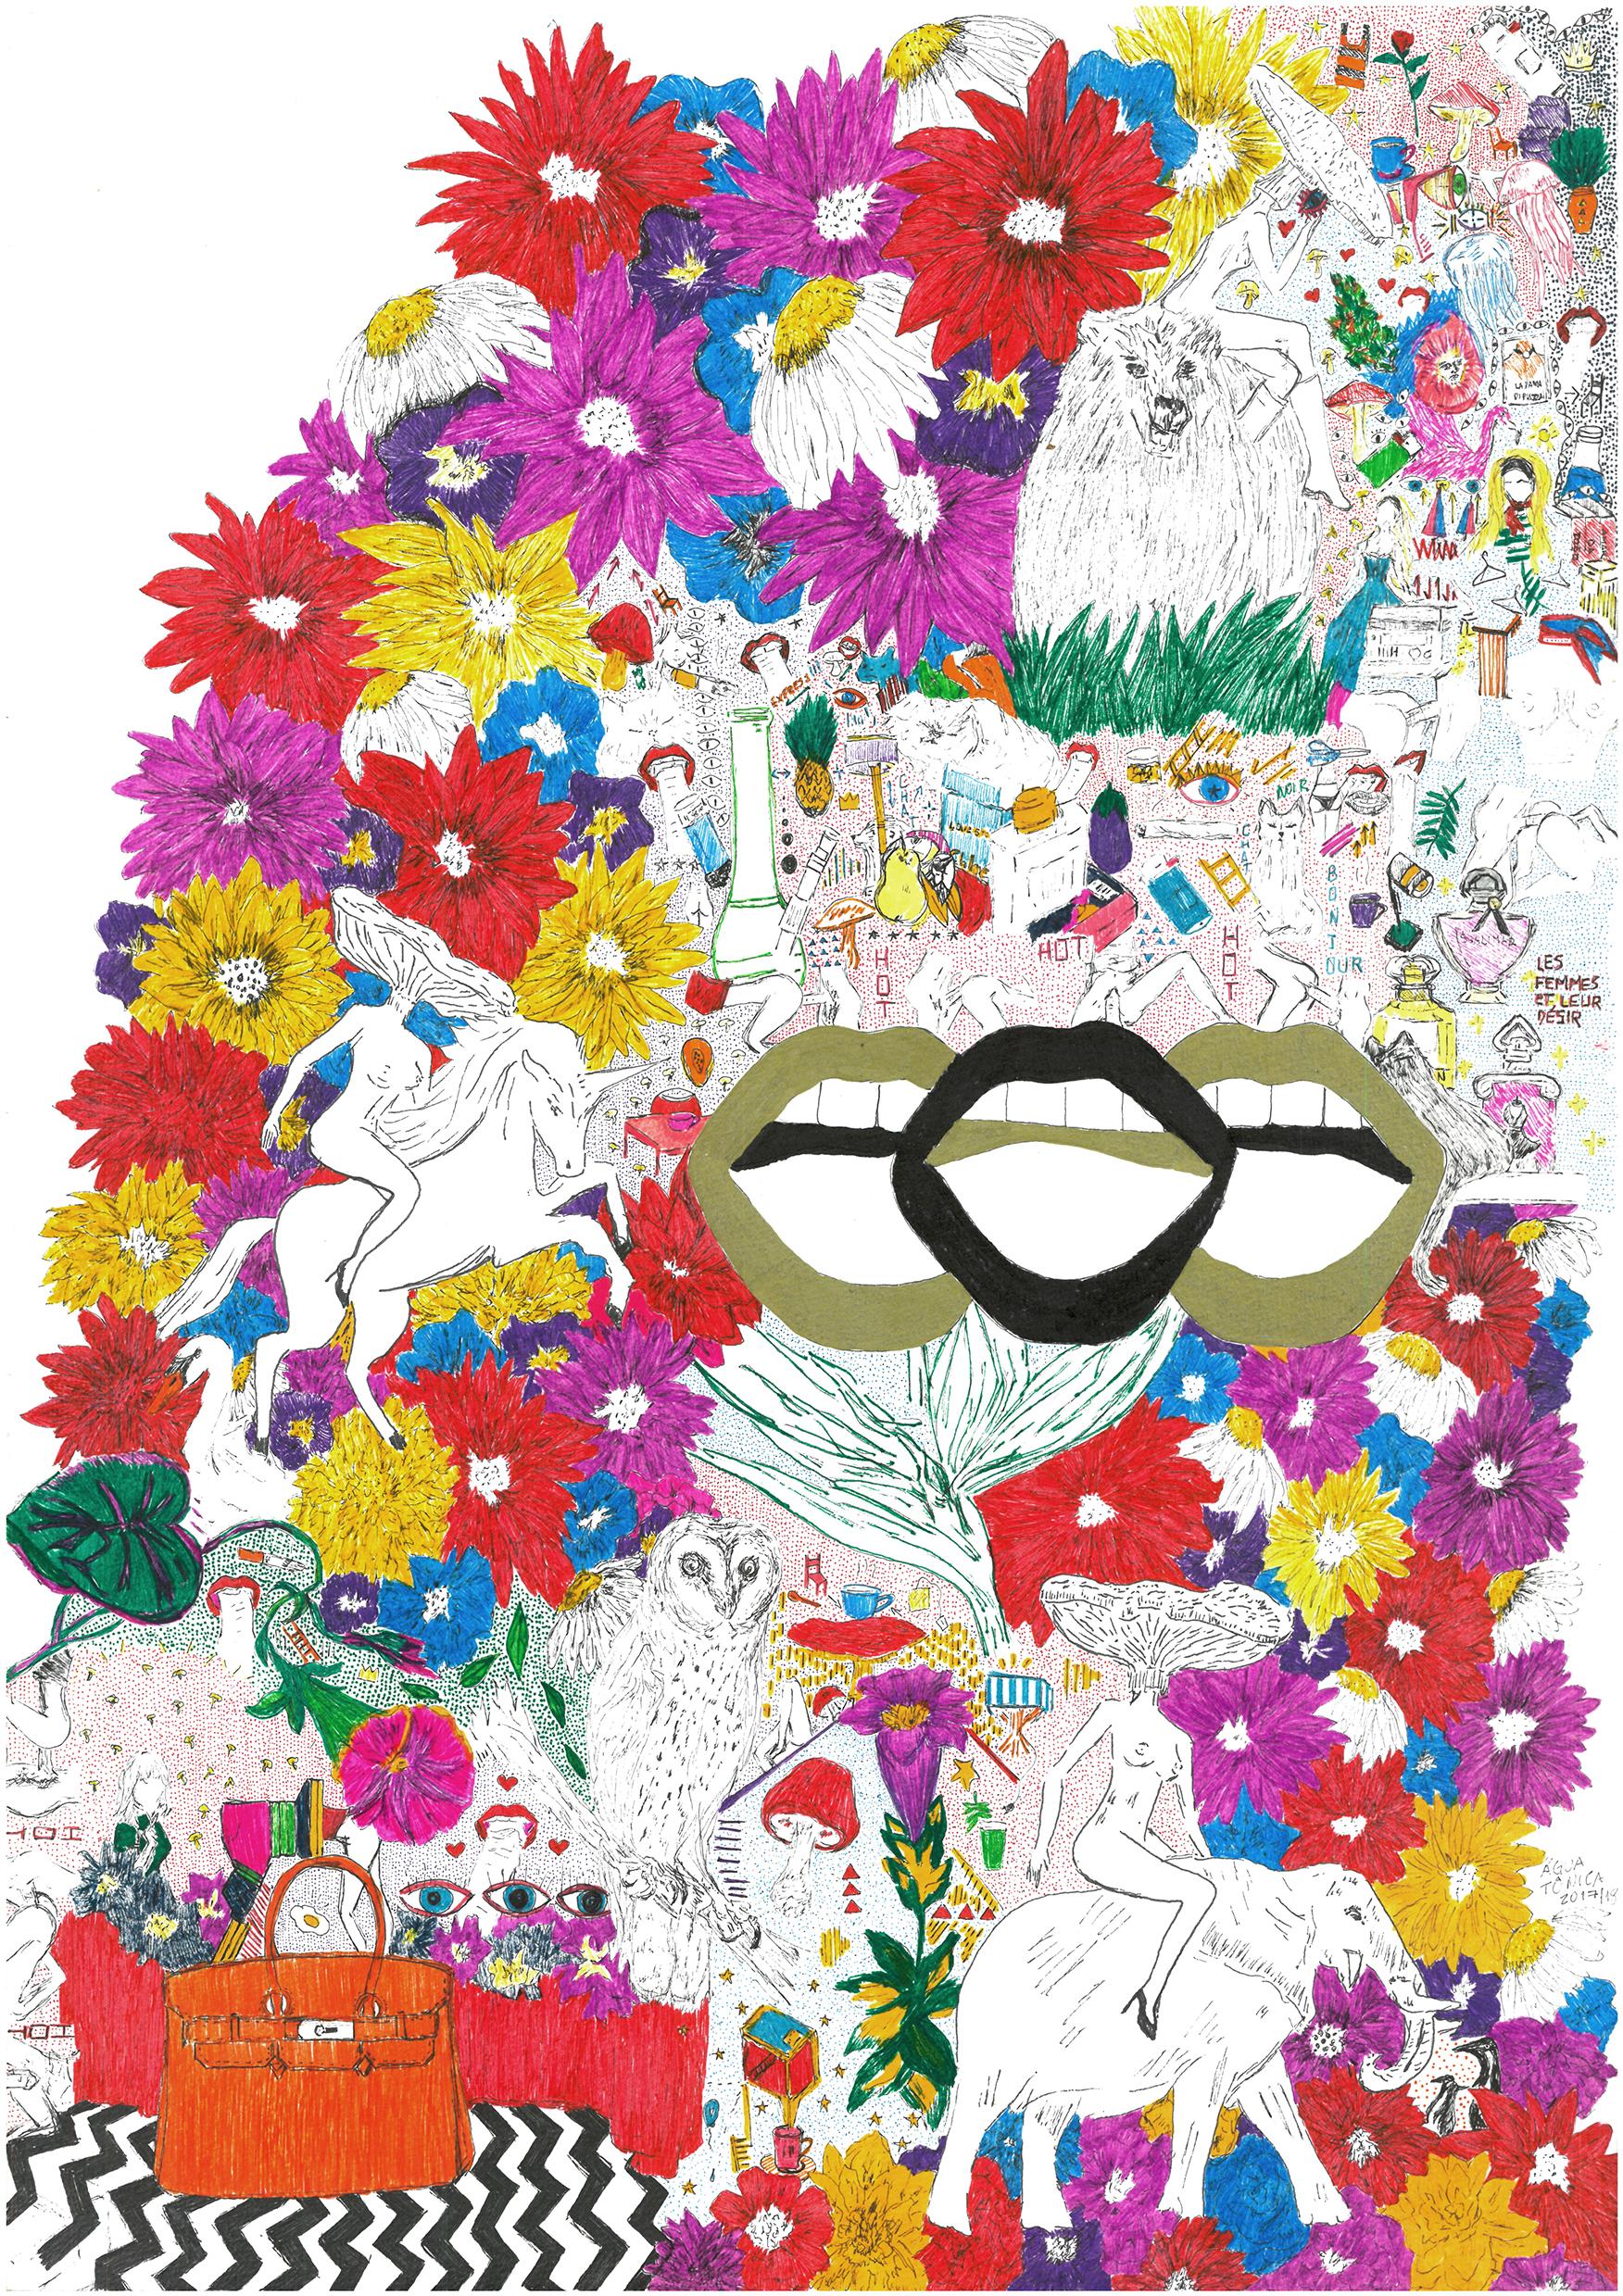 """""""As minhas obras sempre permearam os universos sexuais e lisérgicos, a maconha também é um tema recorrente, acredito que as pessoas não esperam muito que uma mulher transite por ai, parece ridicula essa ultima frase, mas acontece"""", diz Camila"""